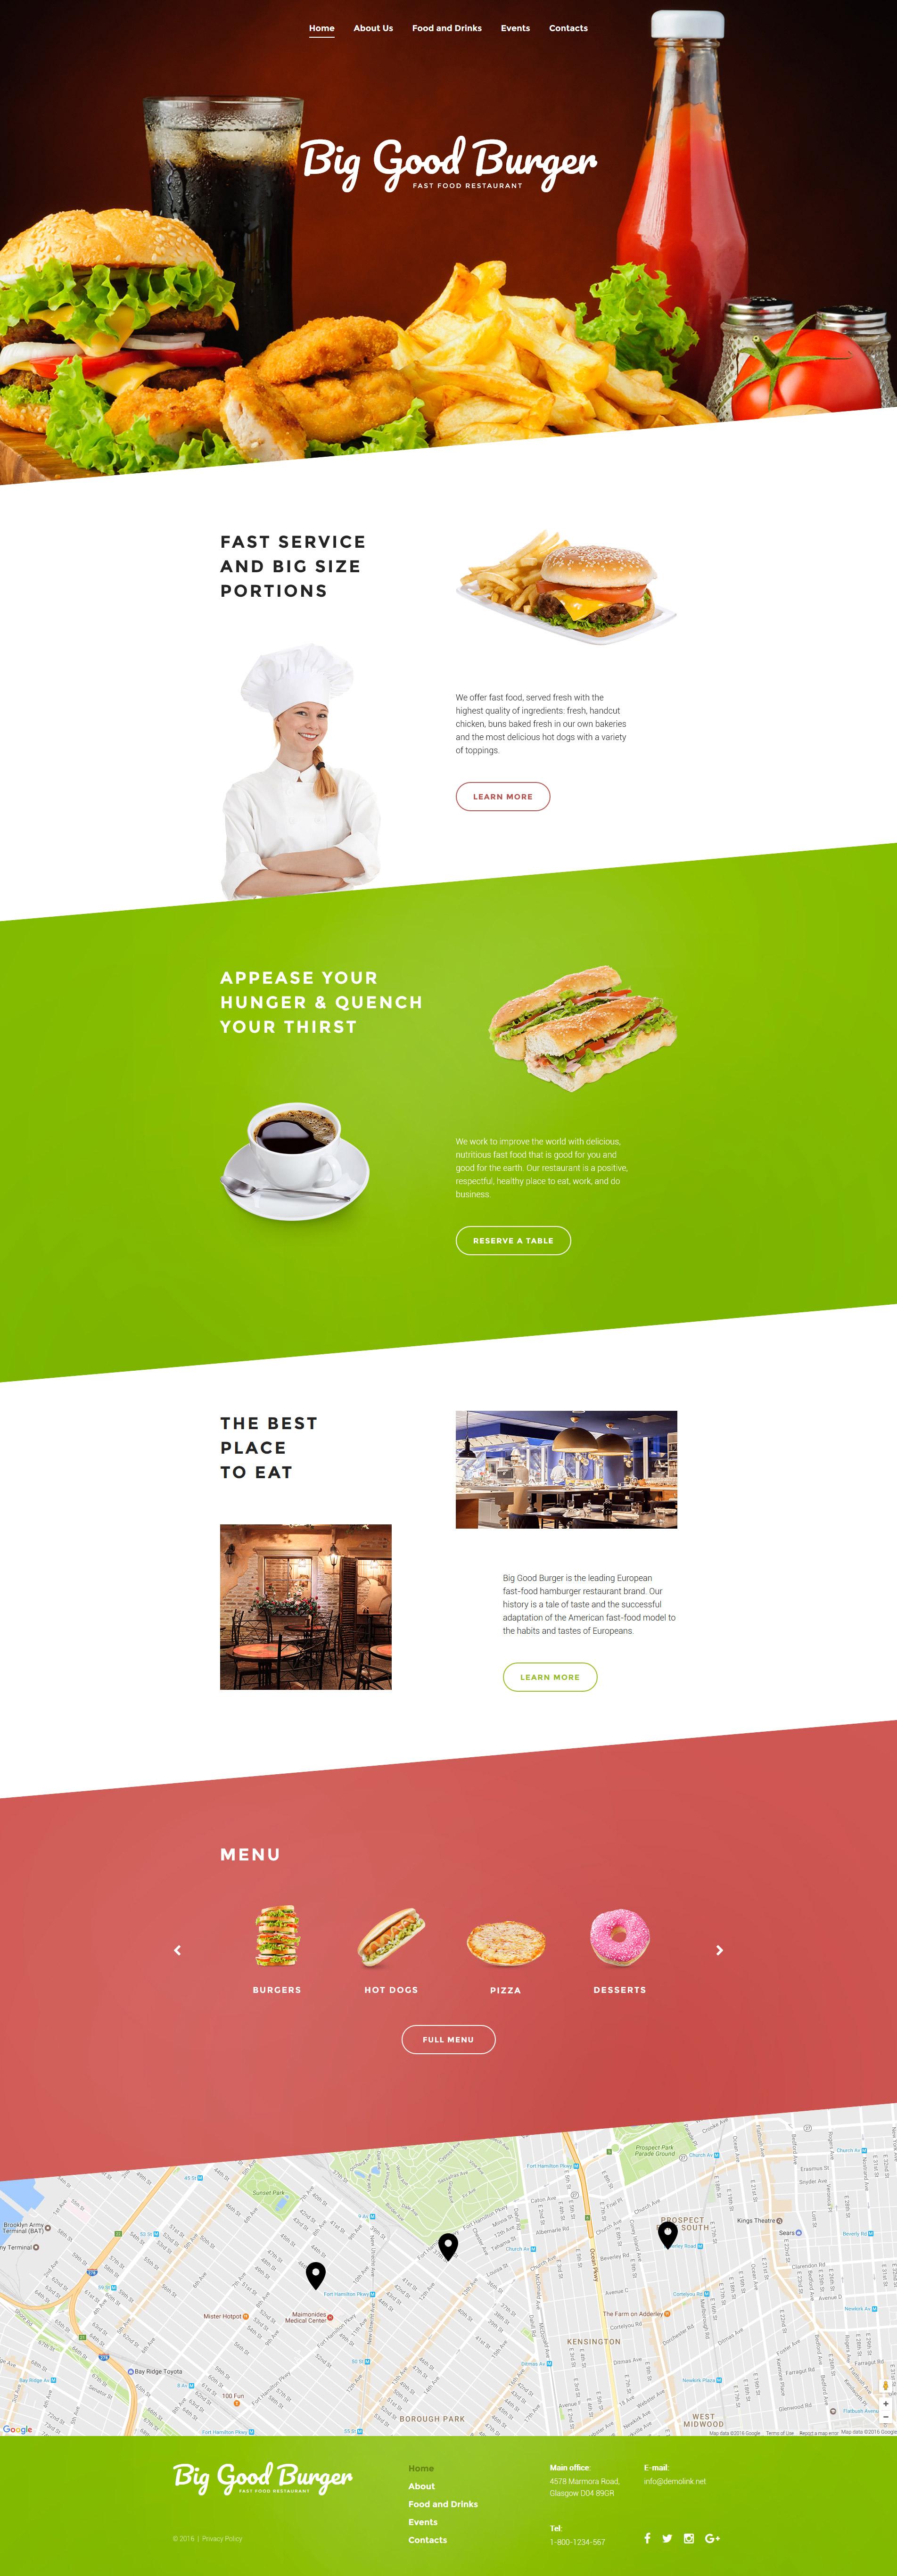 Plantilla Web #51109 para Sitio de Restaurantes de comida rápida